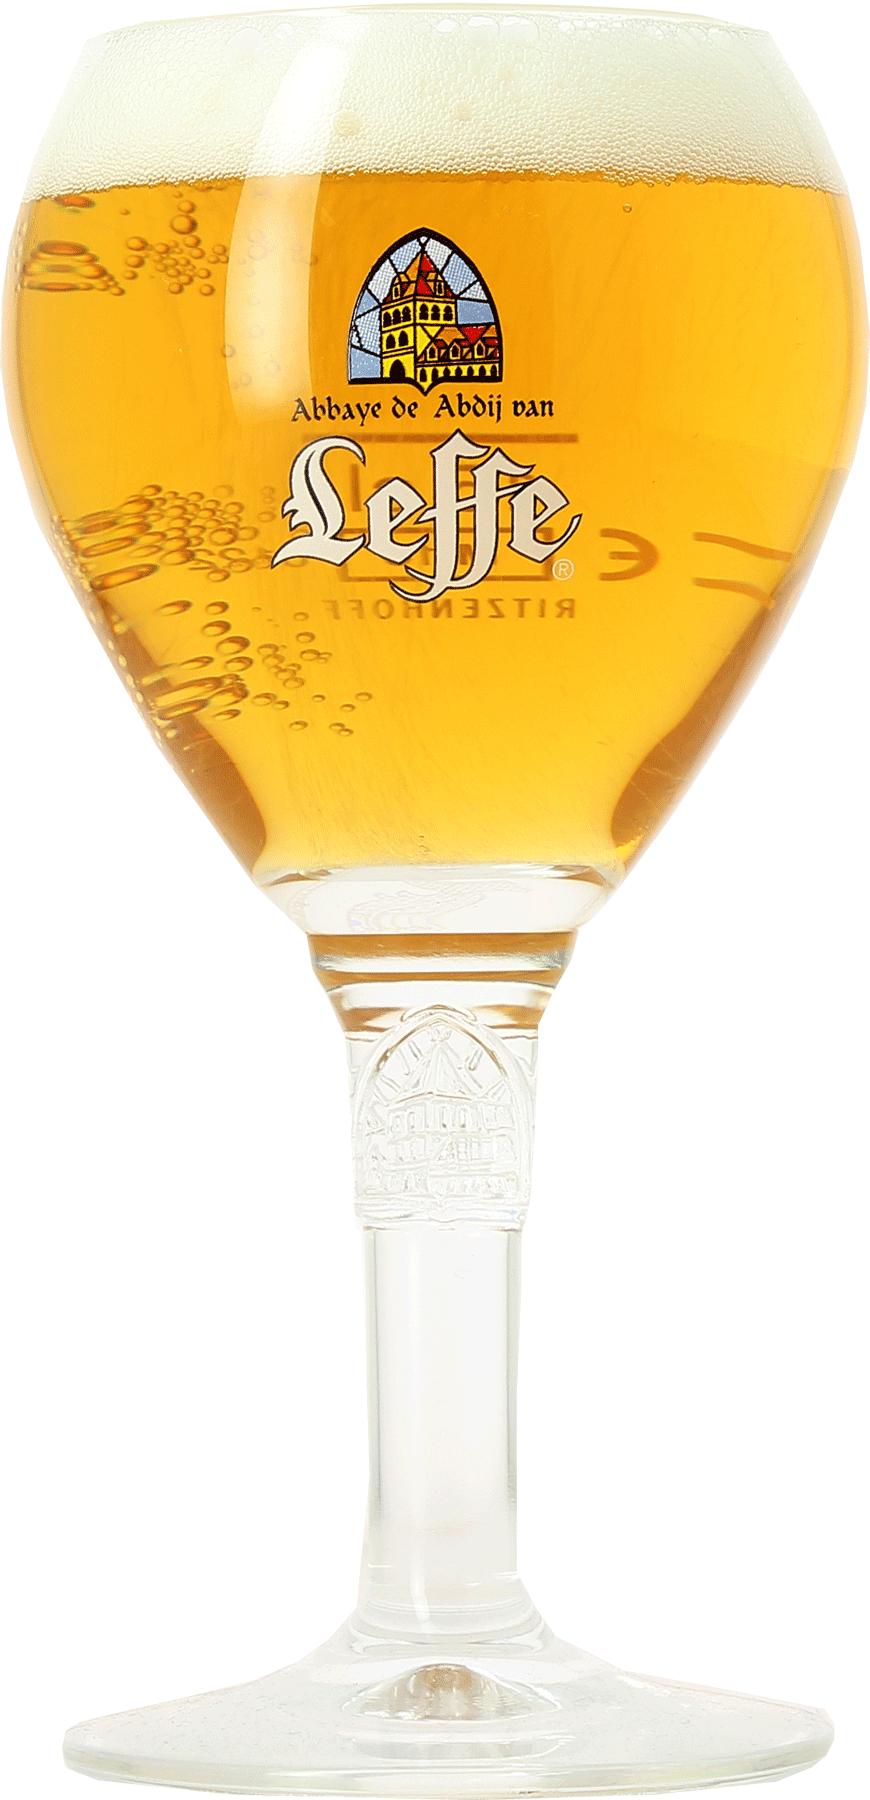 Verre Leffe calice - 15 cL